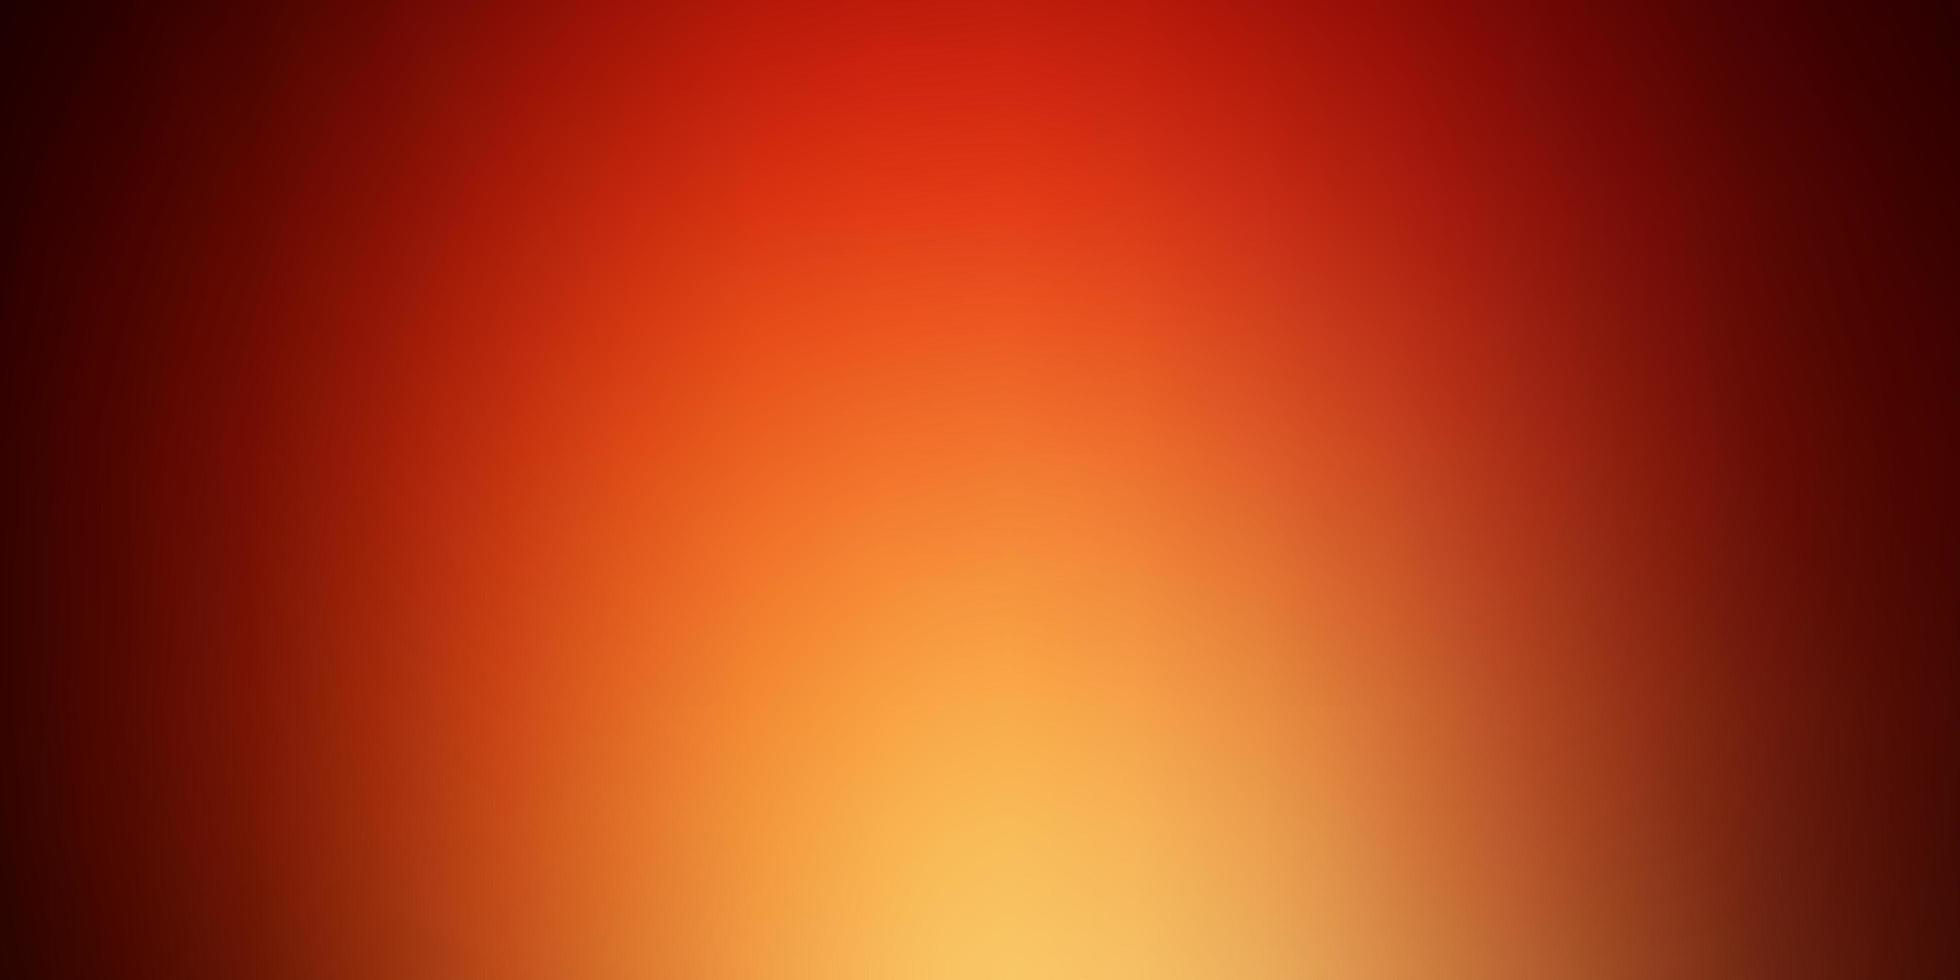 padrão turva inteligente vermelho escuro. vetor